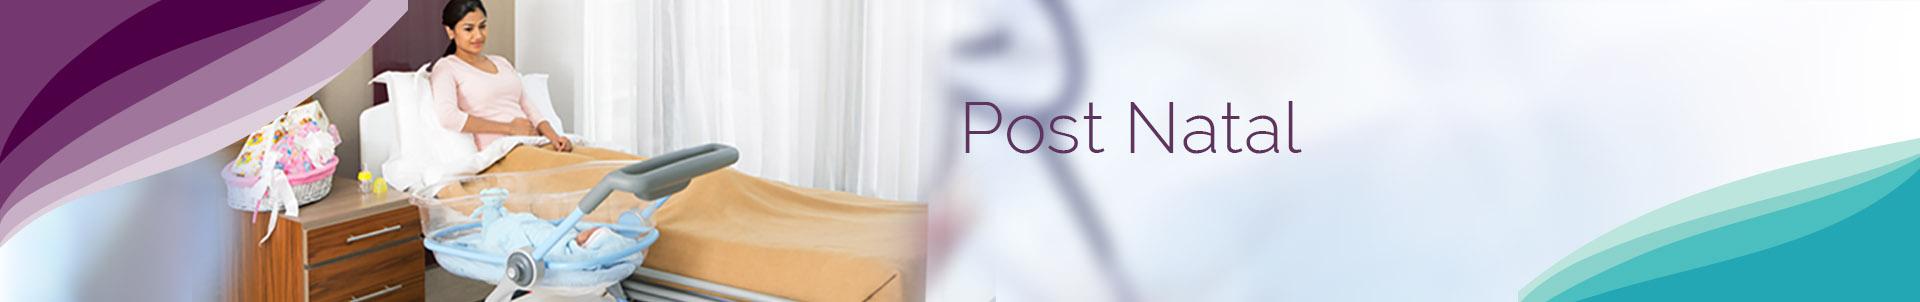 Post Natal Care at Apollo Cradle